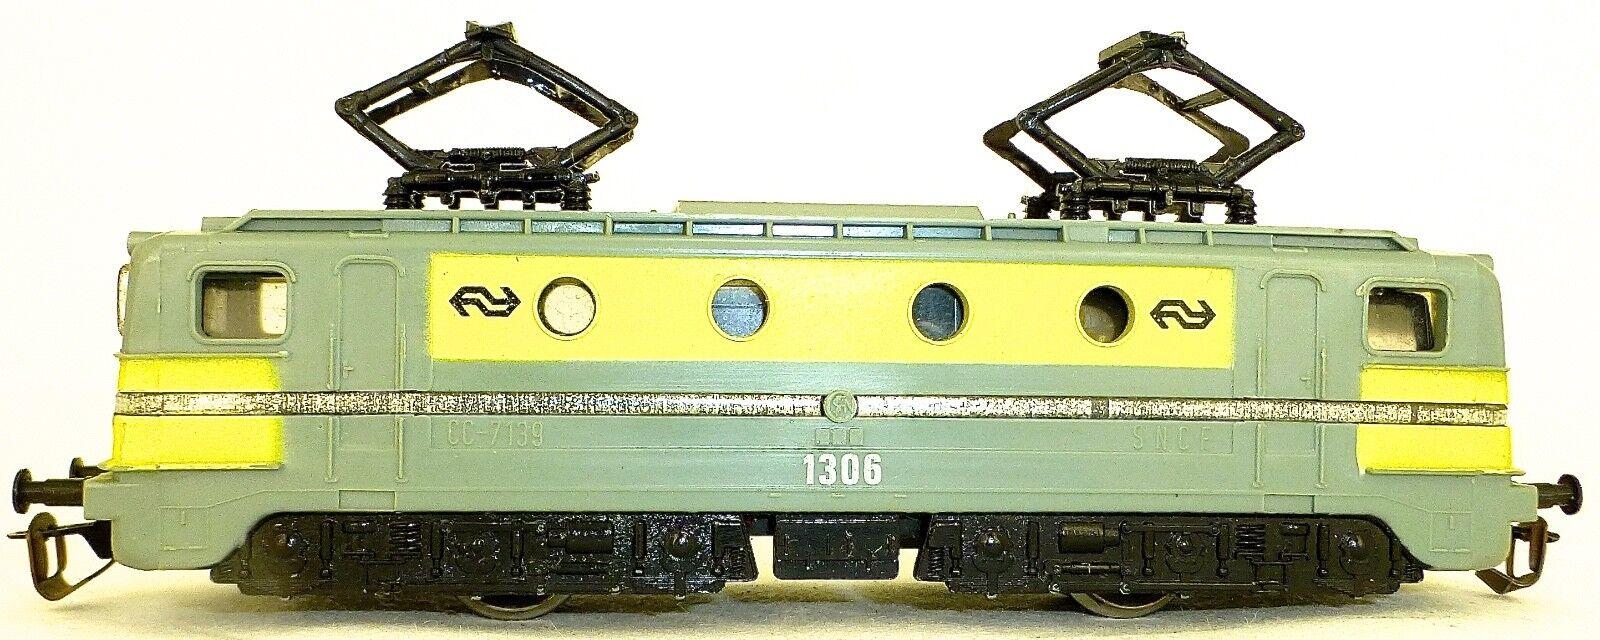 Bttb NS Locomotiva Elettrica 1306 Grigio Giallo Zweiachsig Tt Start Tt 1:120 Å